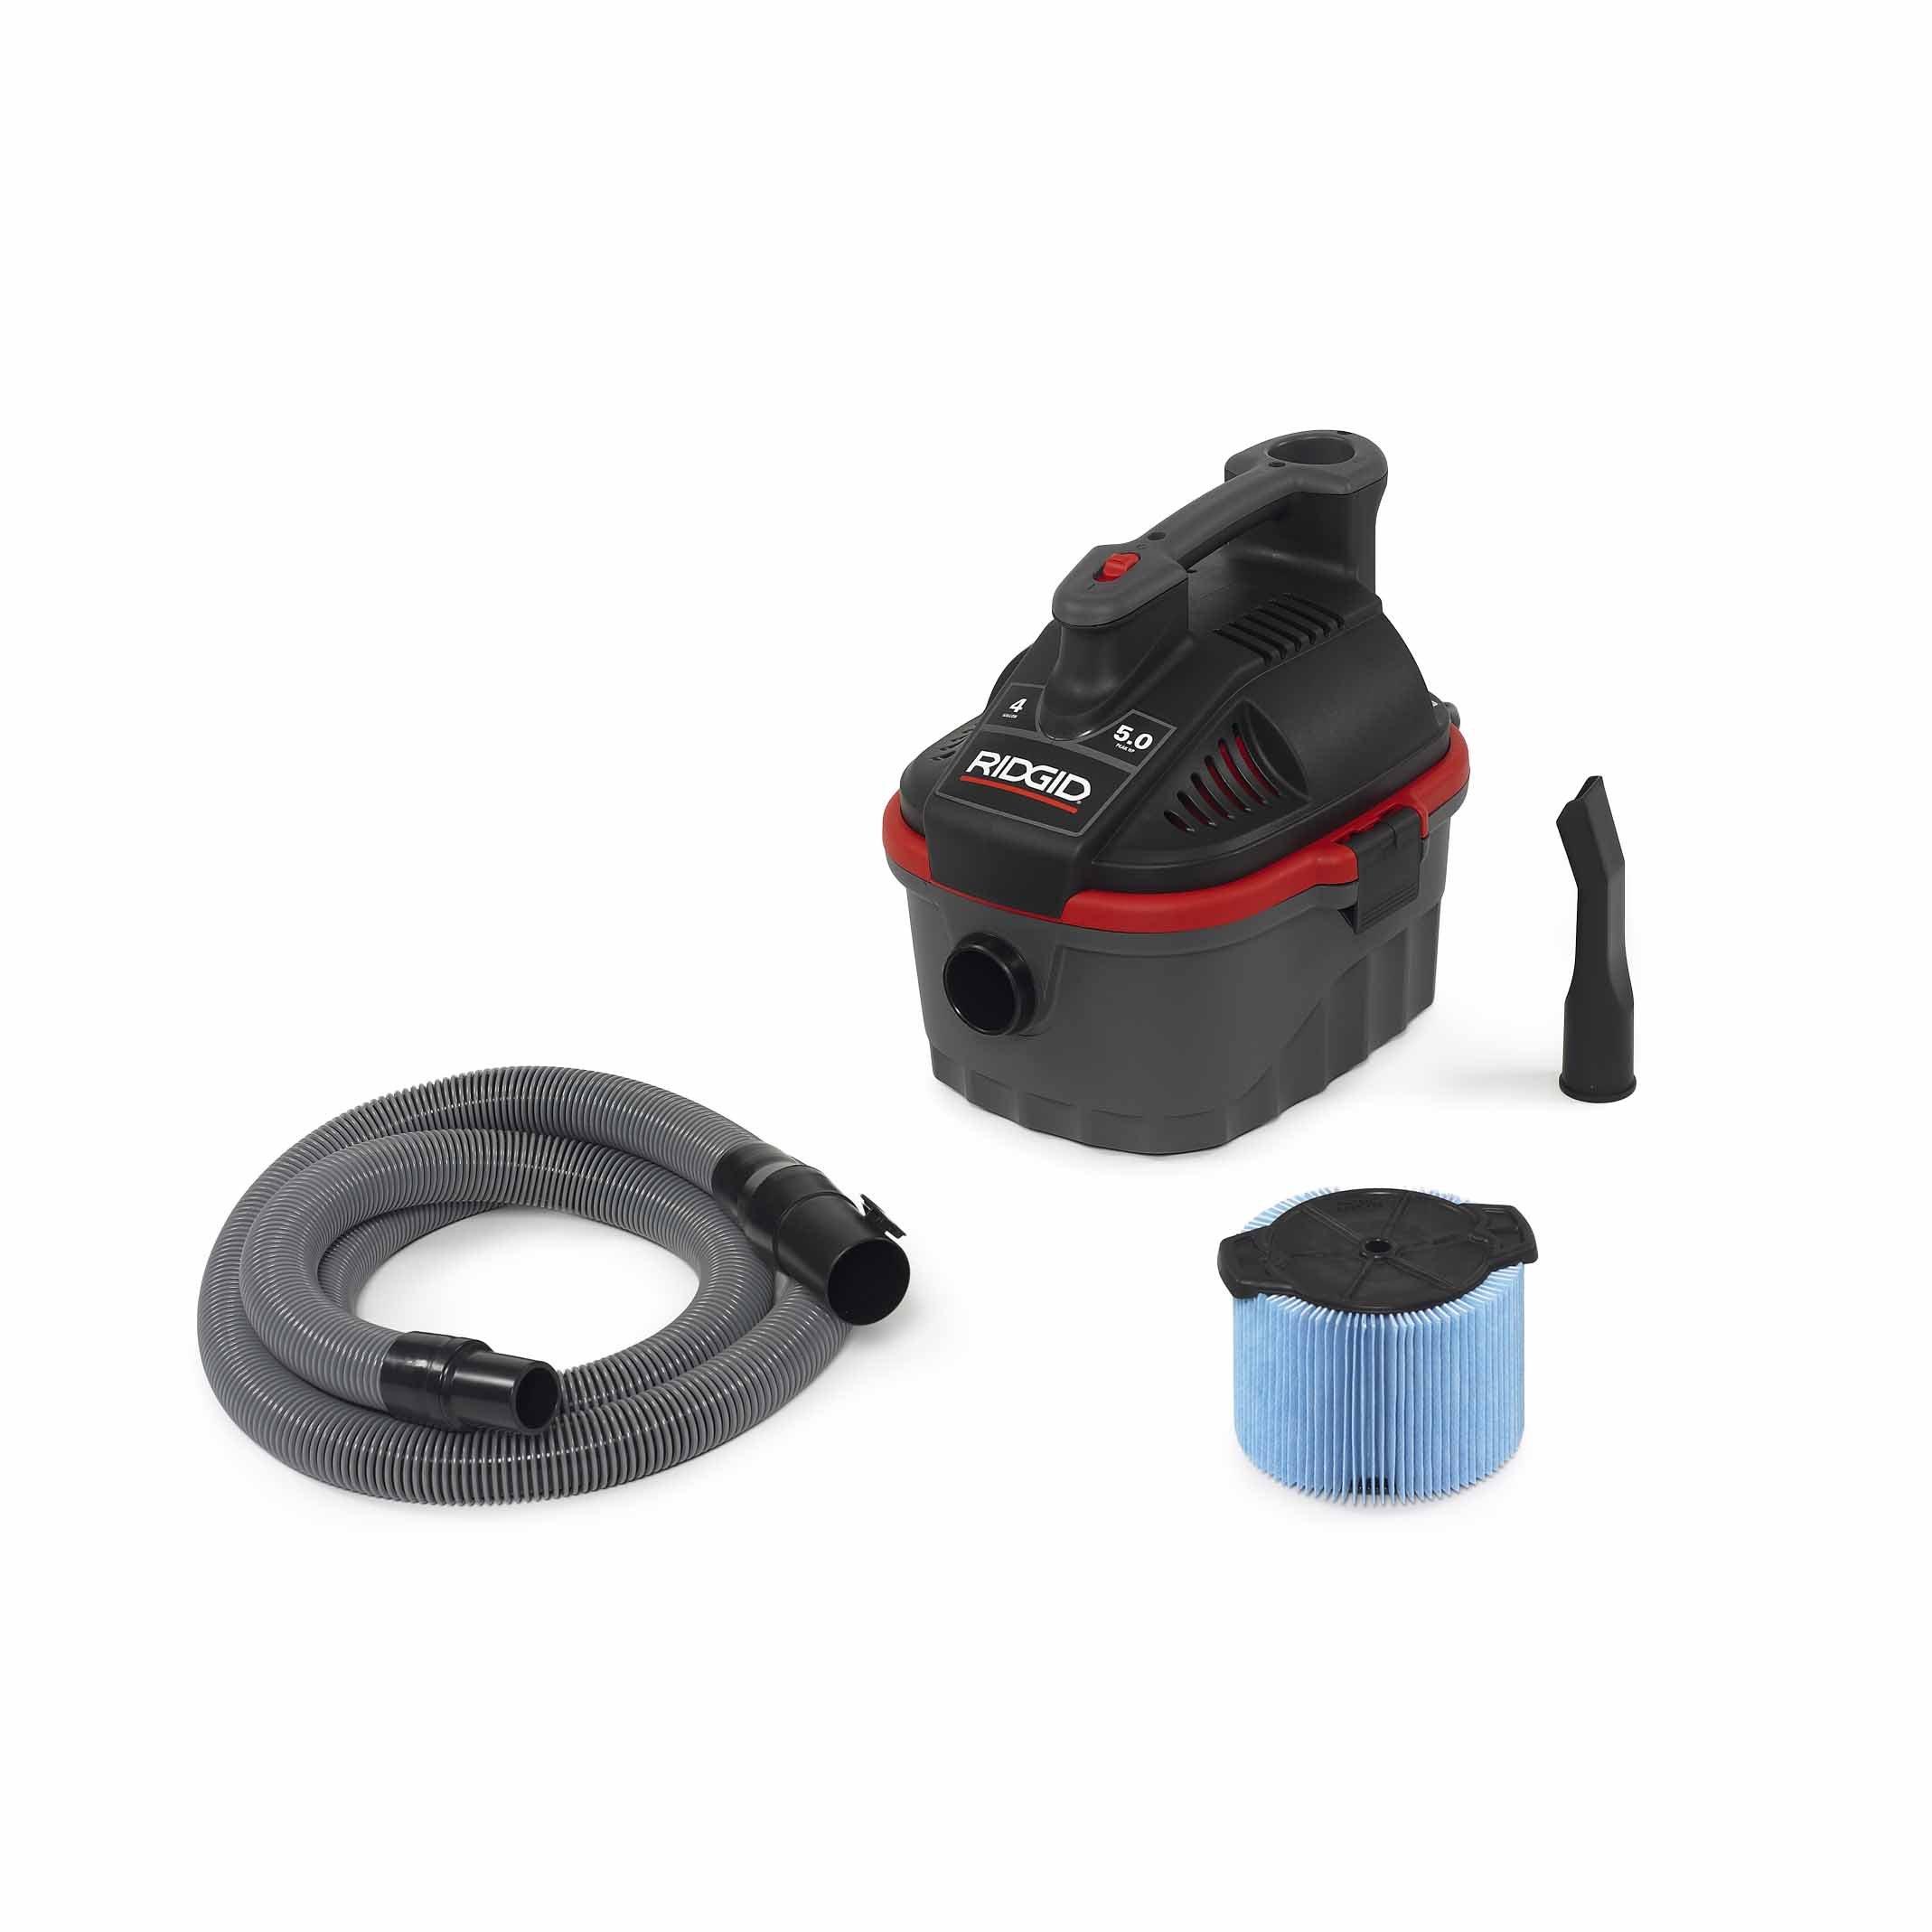 Ridgid 50313 4000RV Wet/Dry Vacuum, 4 gal, Red by Ridgid